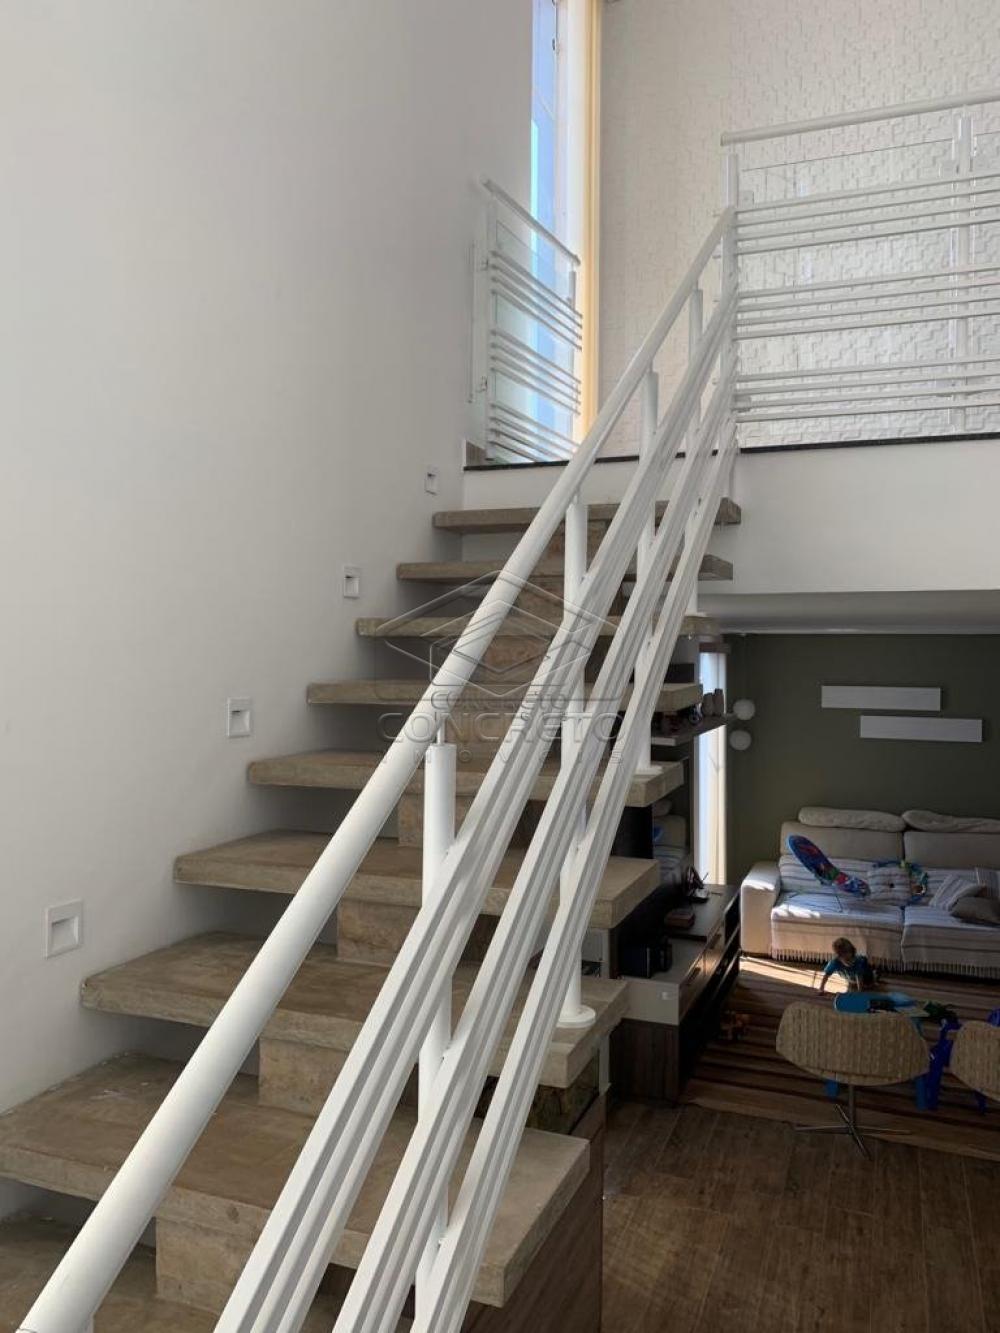 Comprar Casa / Padrão em Sao Manuel apenas R$ 650.000,00 - Foto 82